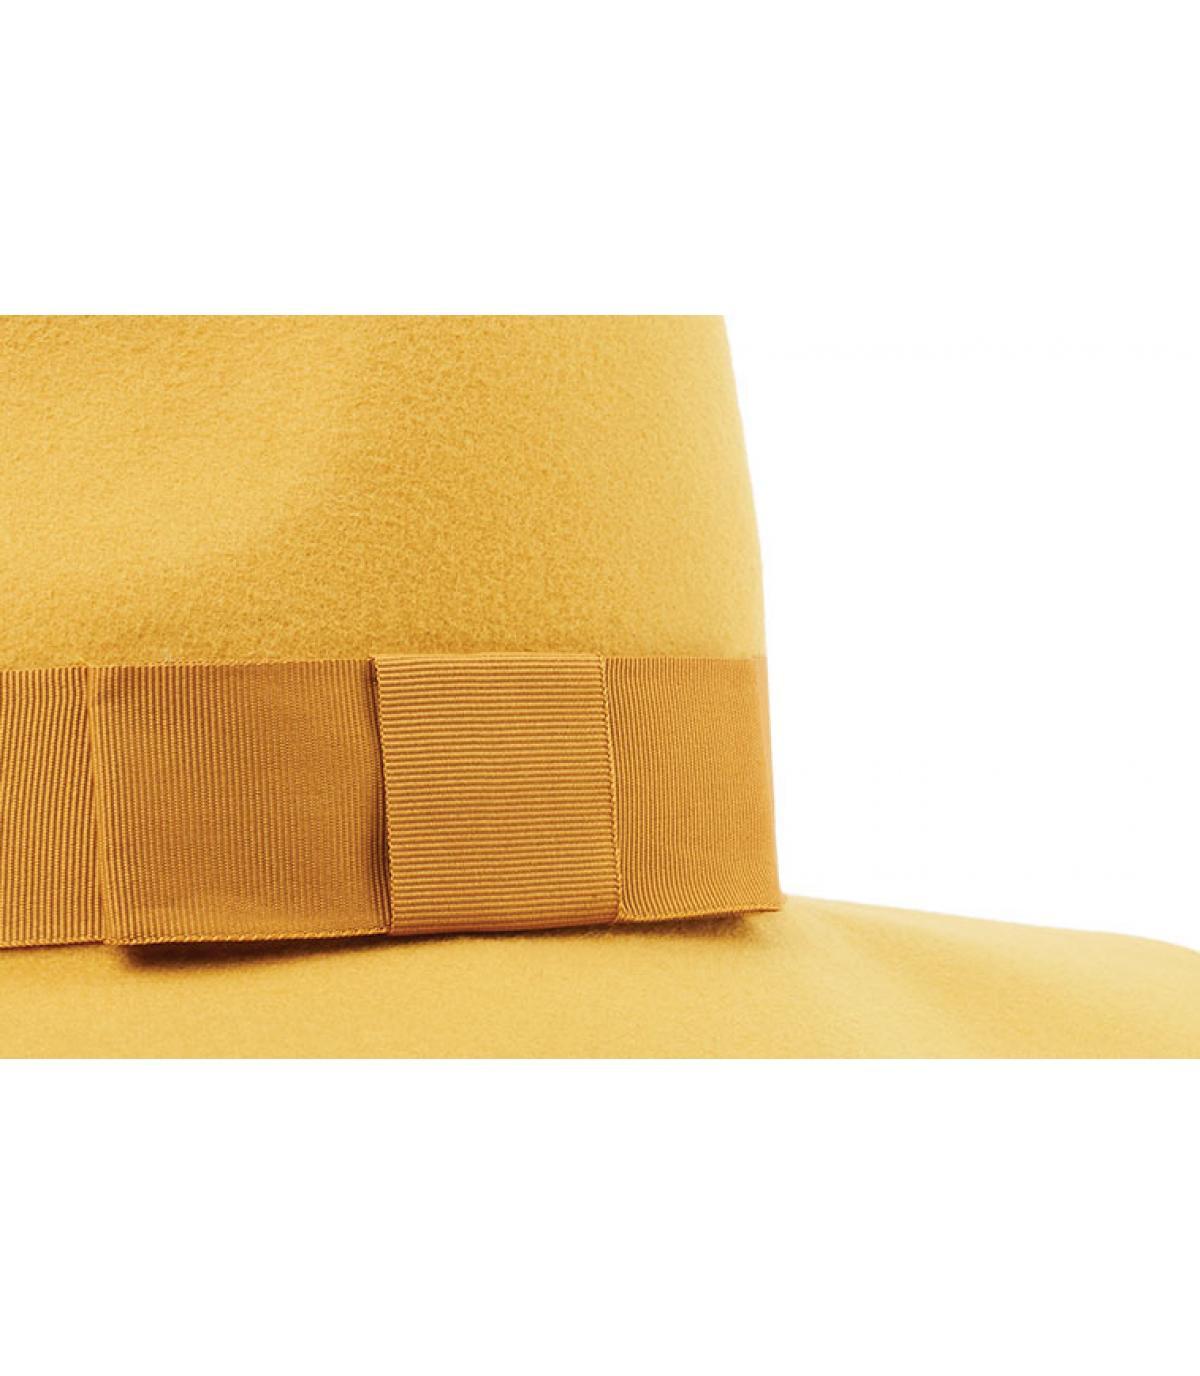 d8785b9d Brixton. yellow felt floppy hat. Détails Piper nugget gold - image 3 ...